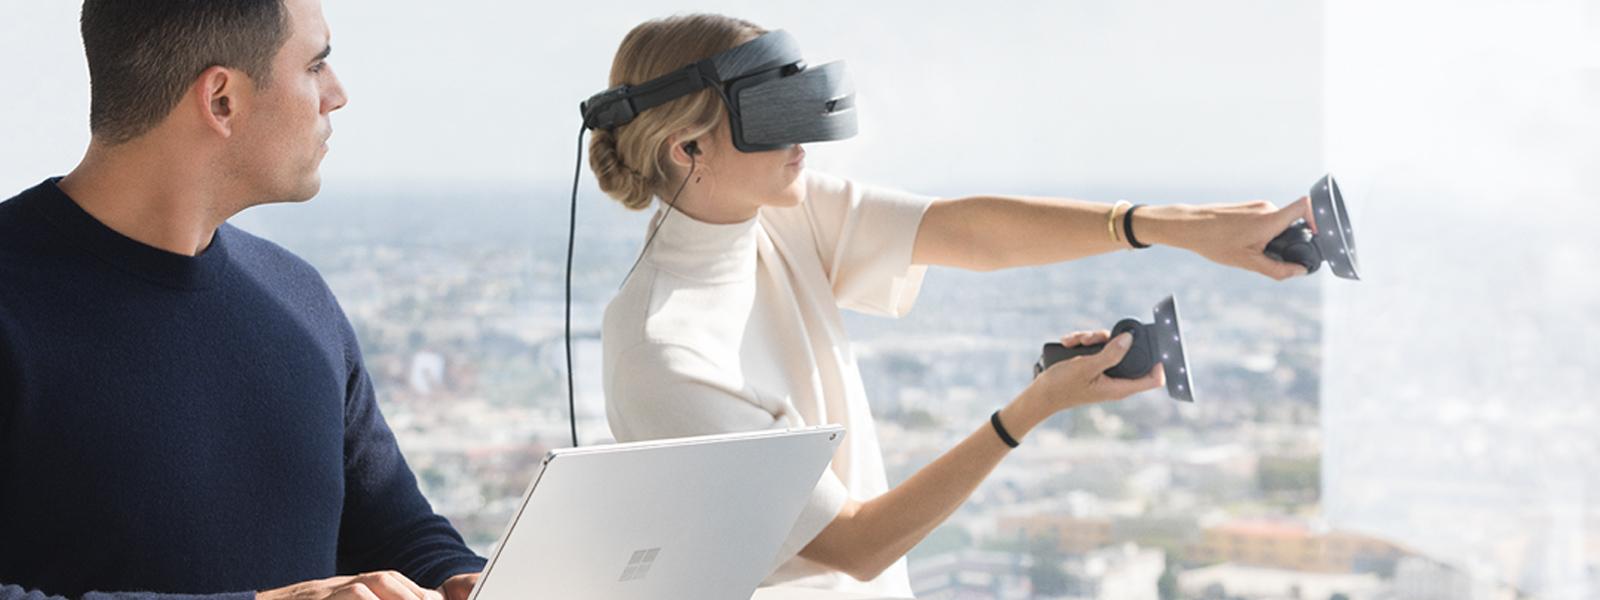 Une femme utilisant un casque et un détecteur de mouvement Windows Mixed Reality